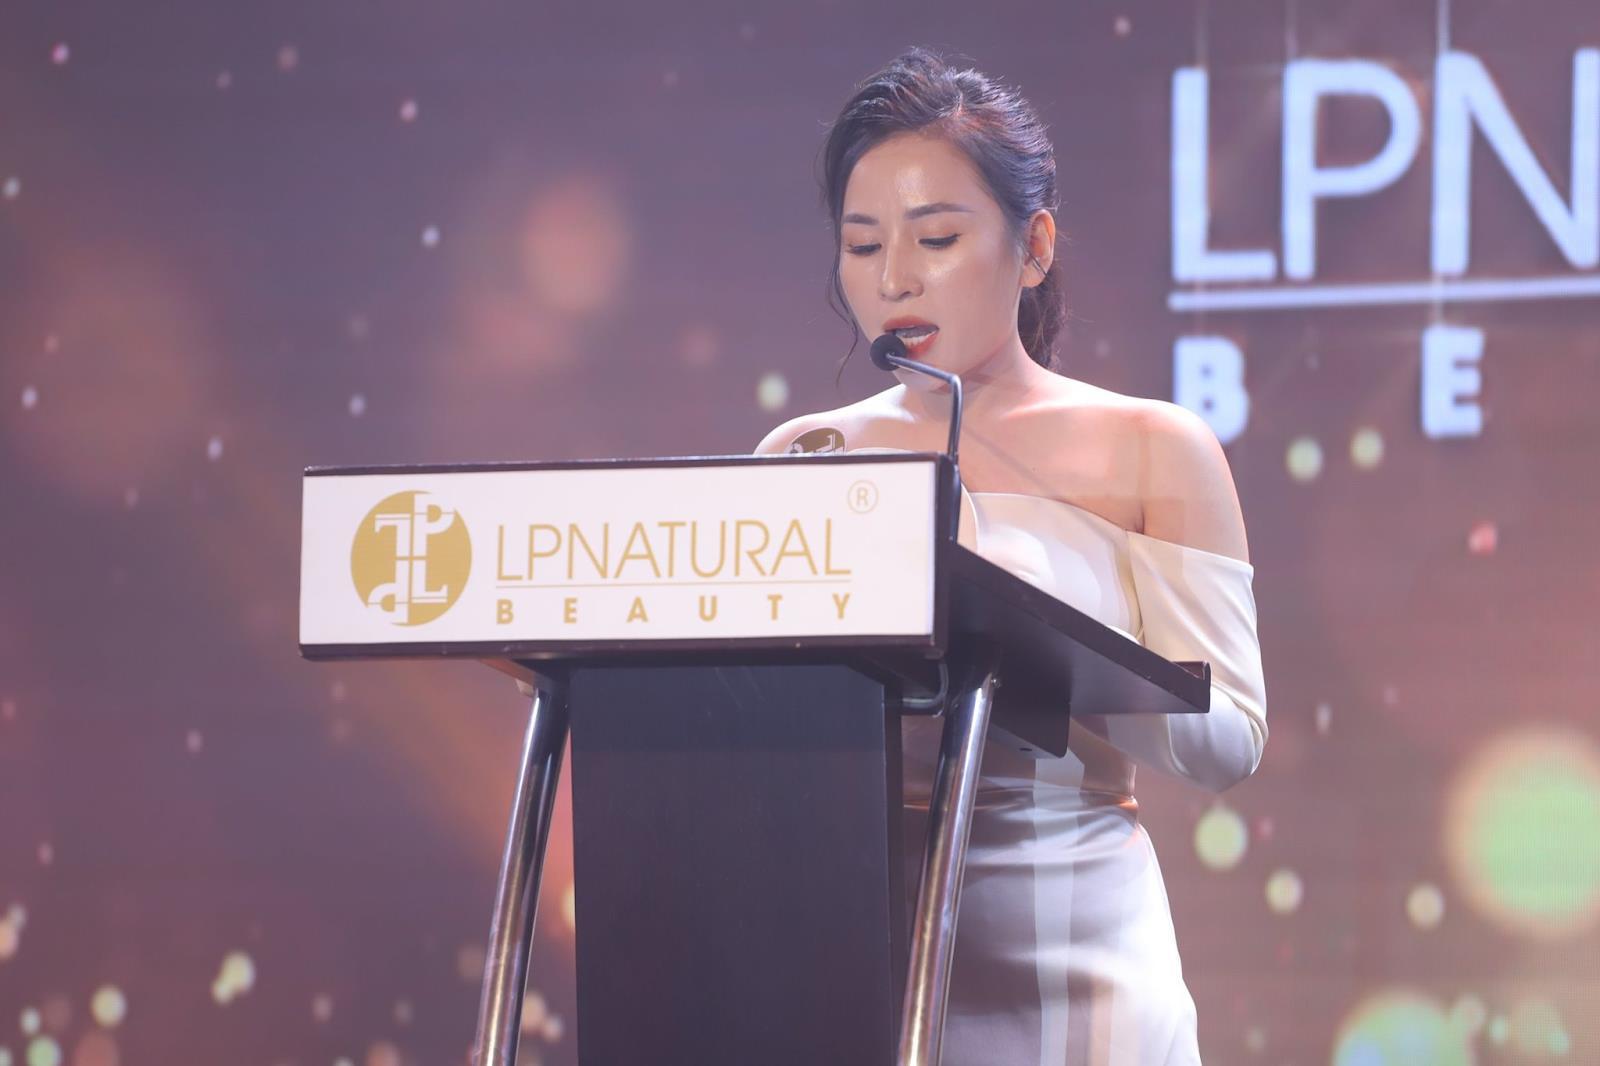 Đại tiệc cuối năm LP Natural Việt Nam: Quy tụ dàn sao khủng, hàng ngàn đại lý cùng nhau đổ về Quảng Bình - Ảnh 5.